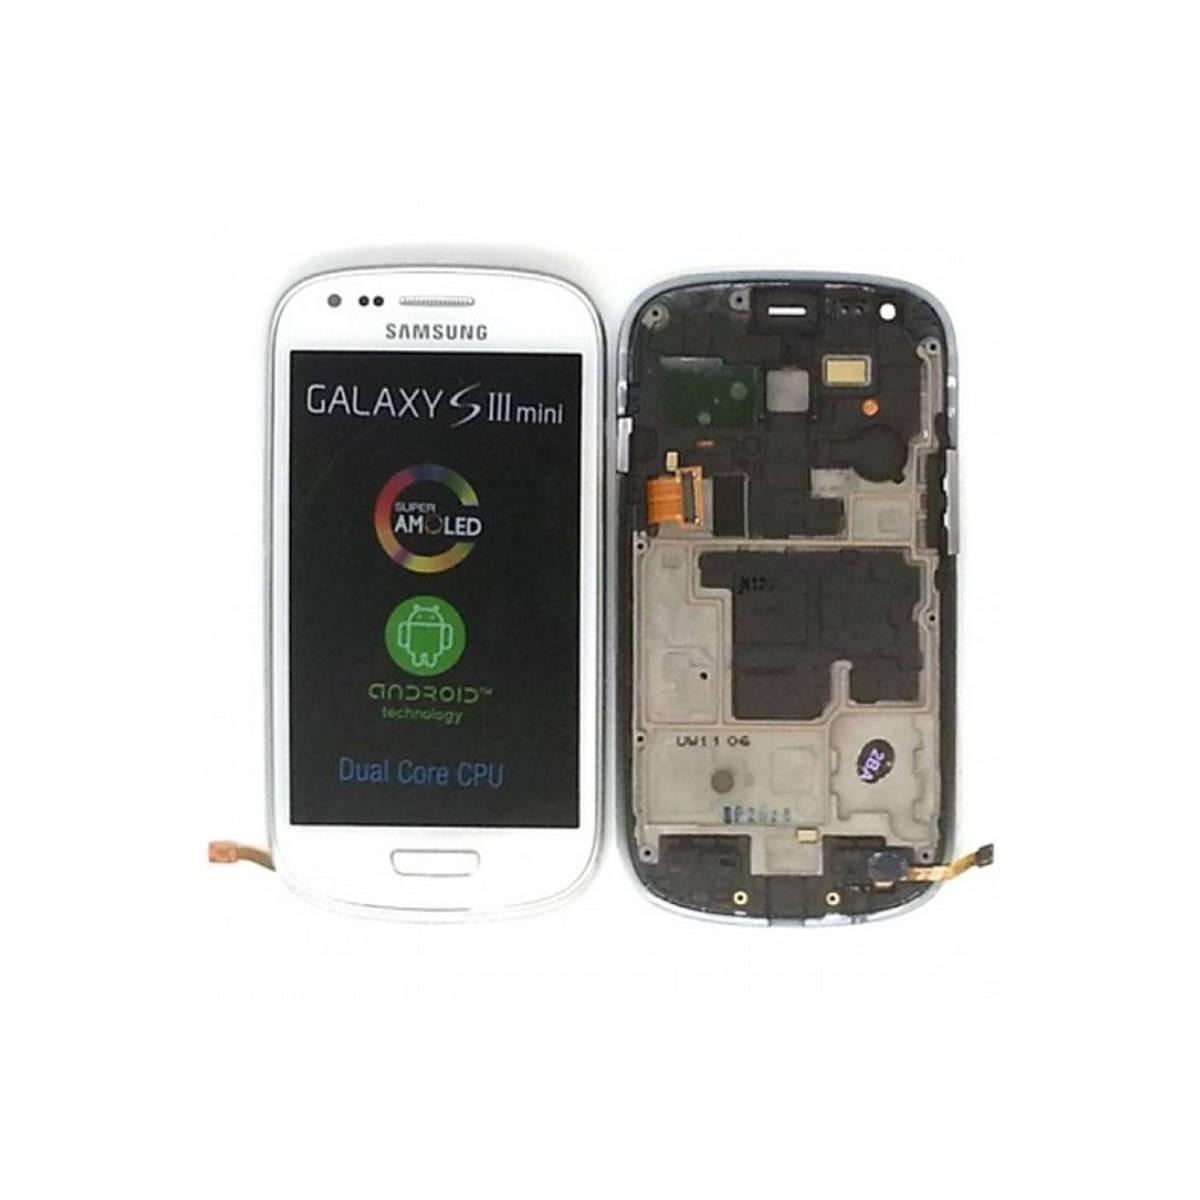 Ecrã Completa (Display + Tactil) para Samsung Galaxy S3 Mini, I8190 BLANCA